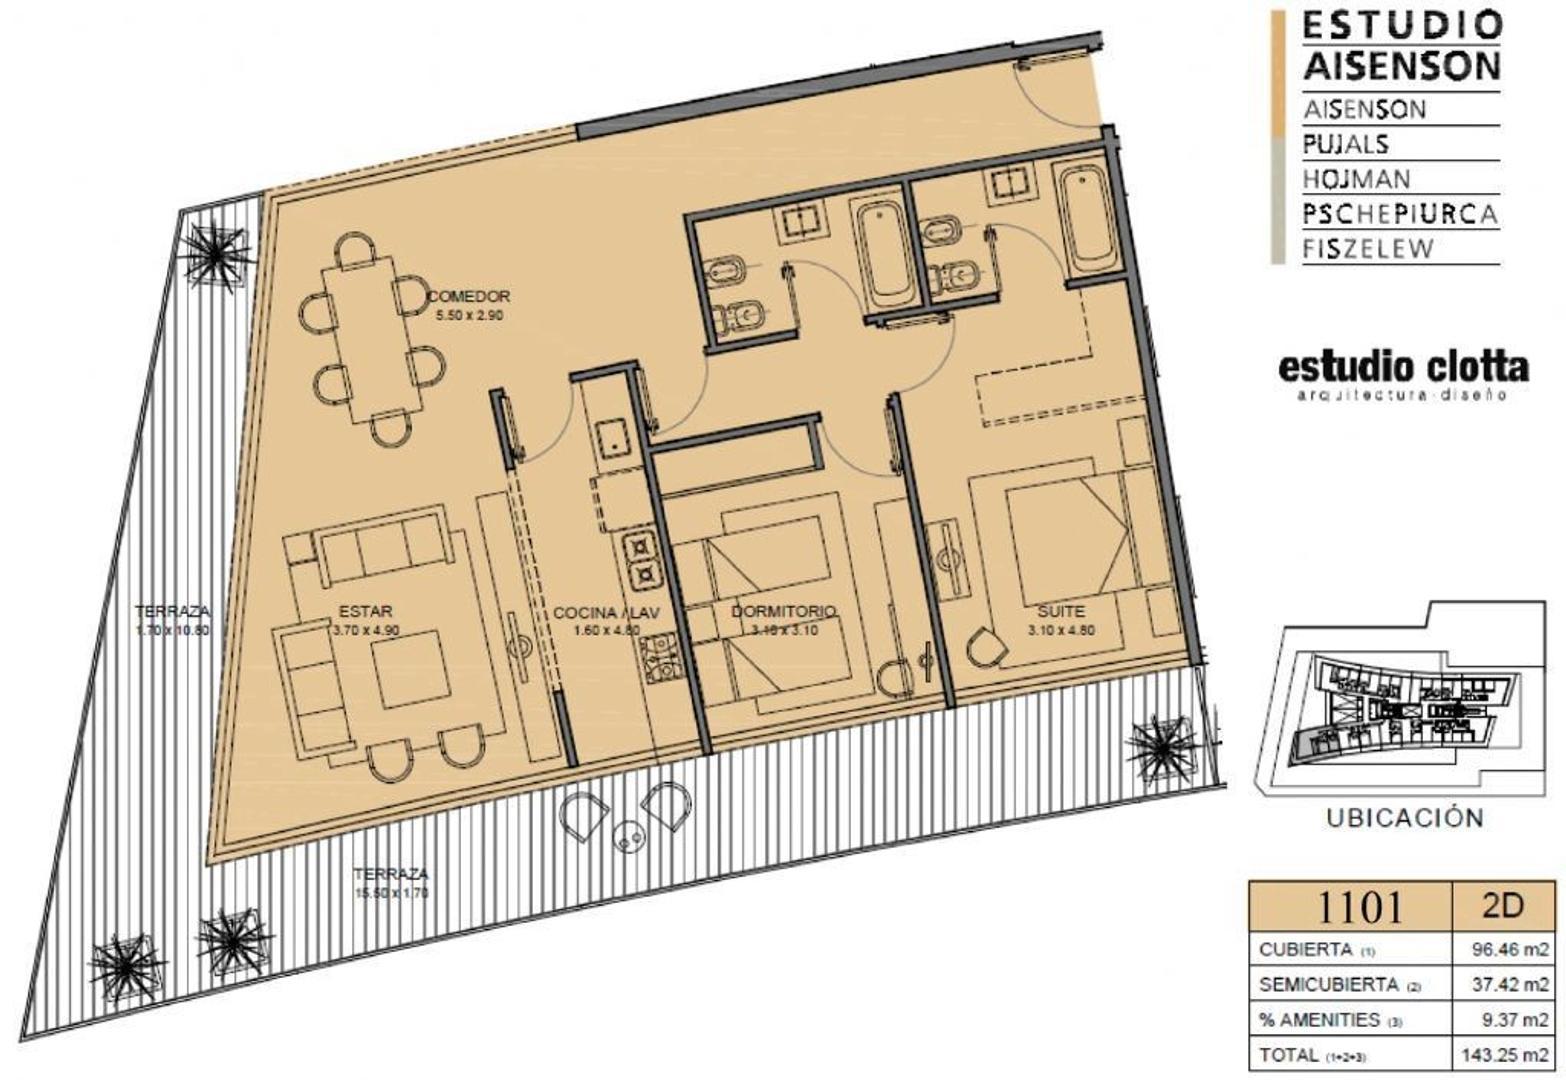 Departamento - Venta - Av. del Libertador 2400 - PRO0228_LP109388_3